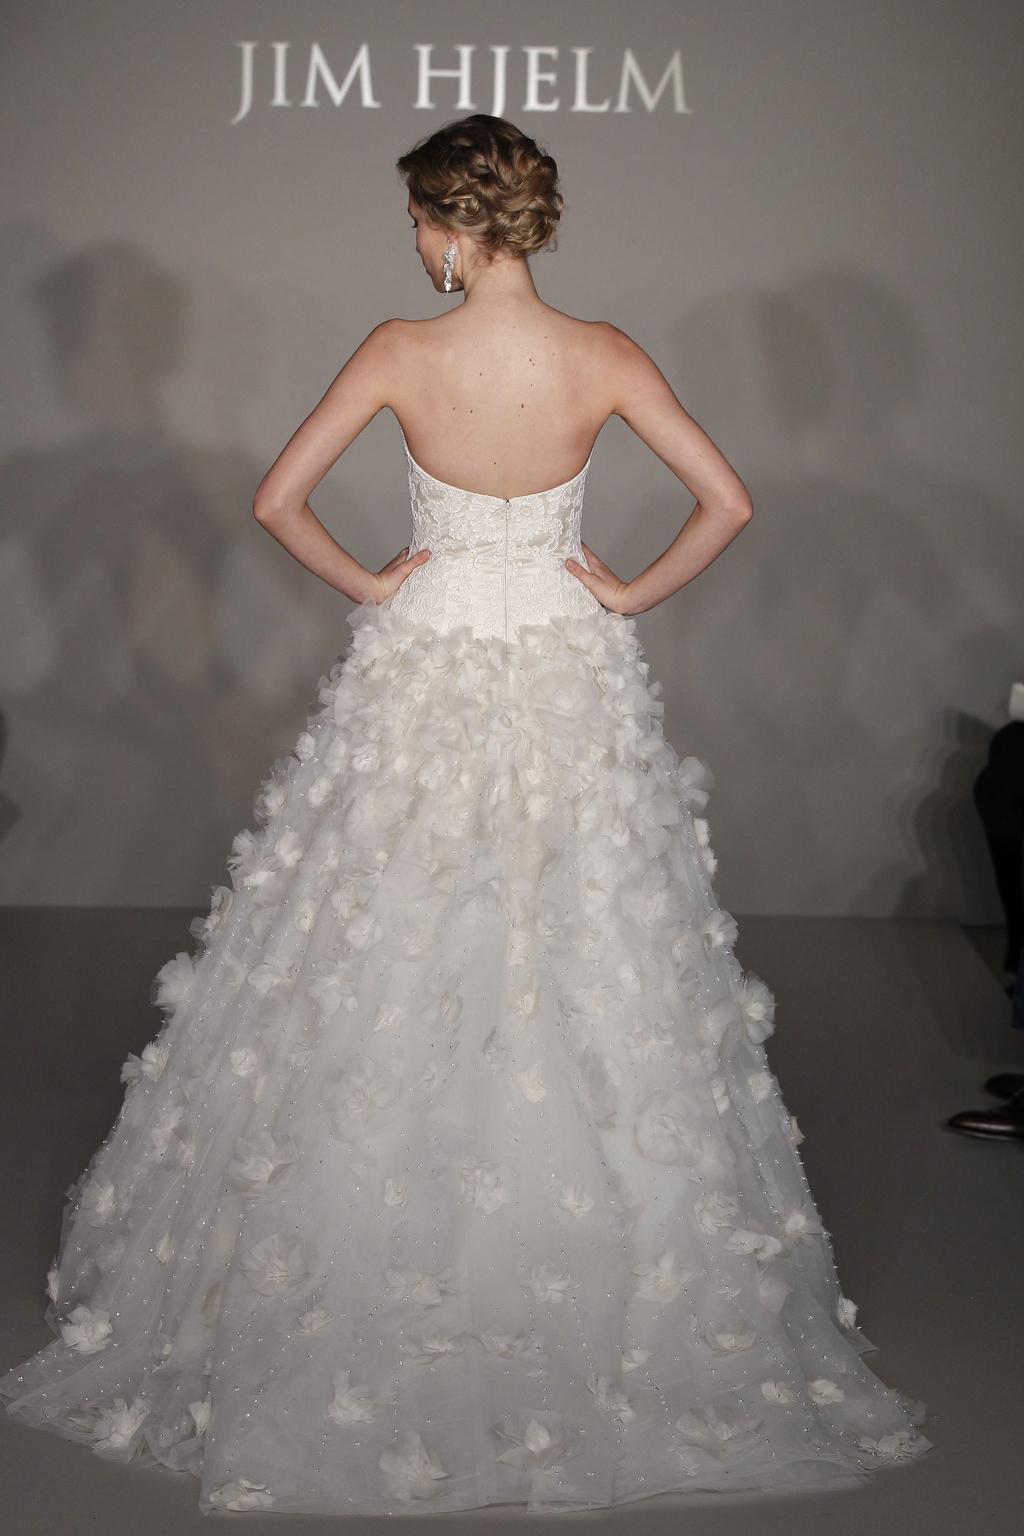 Jim-hjelm-wedding-dress-spring-2012-bridal-gowns-8217-back.full